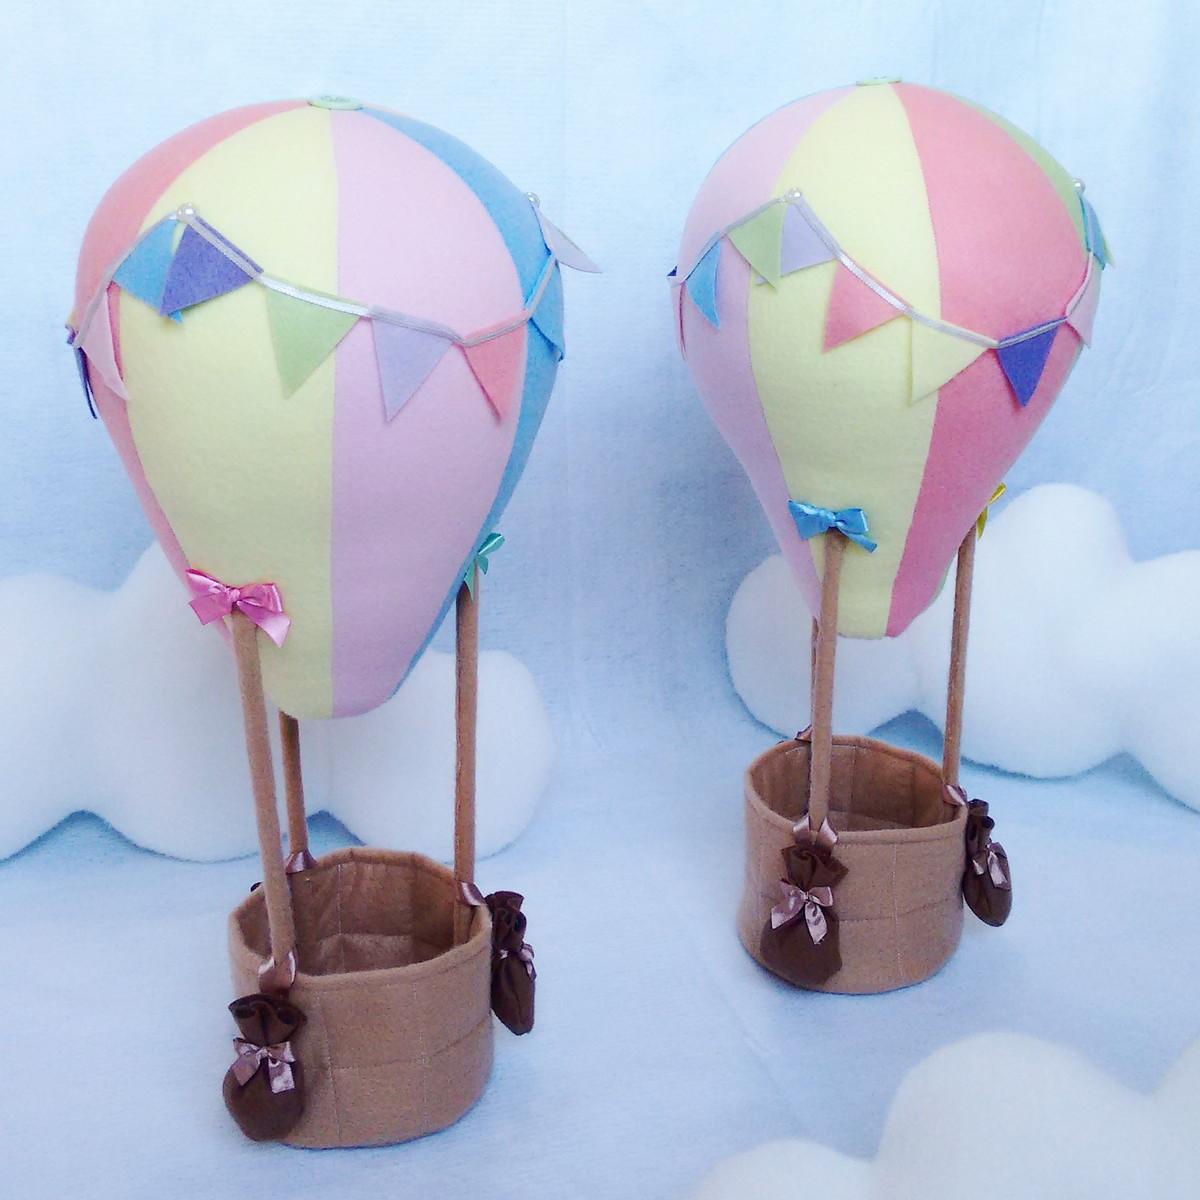 Enfeite De Balão ~ Enfeite de mesa Bal u00e3o de ar quente BluBlu Ateli u00ea Elo7